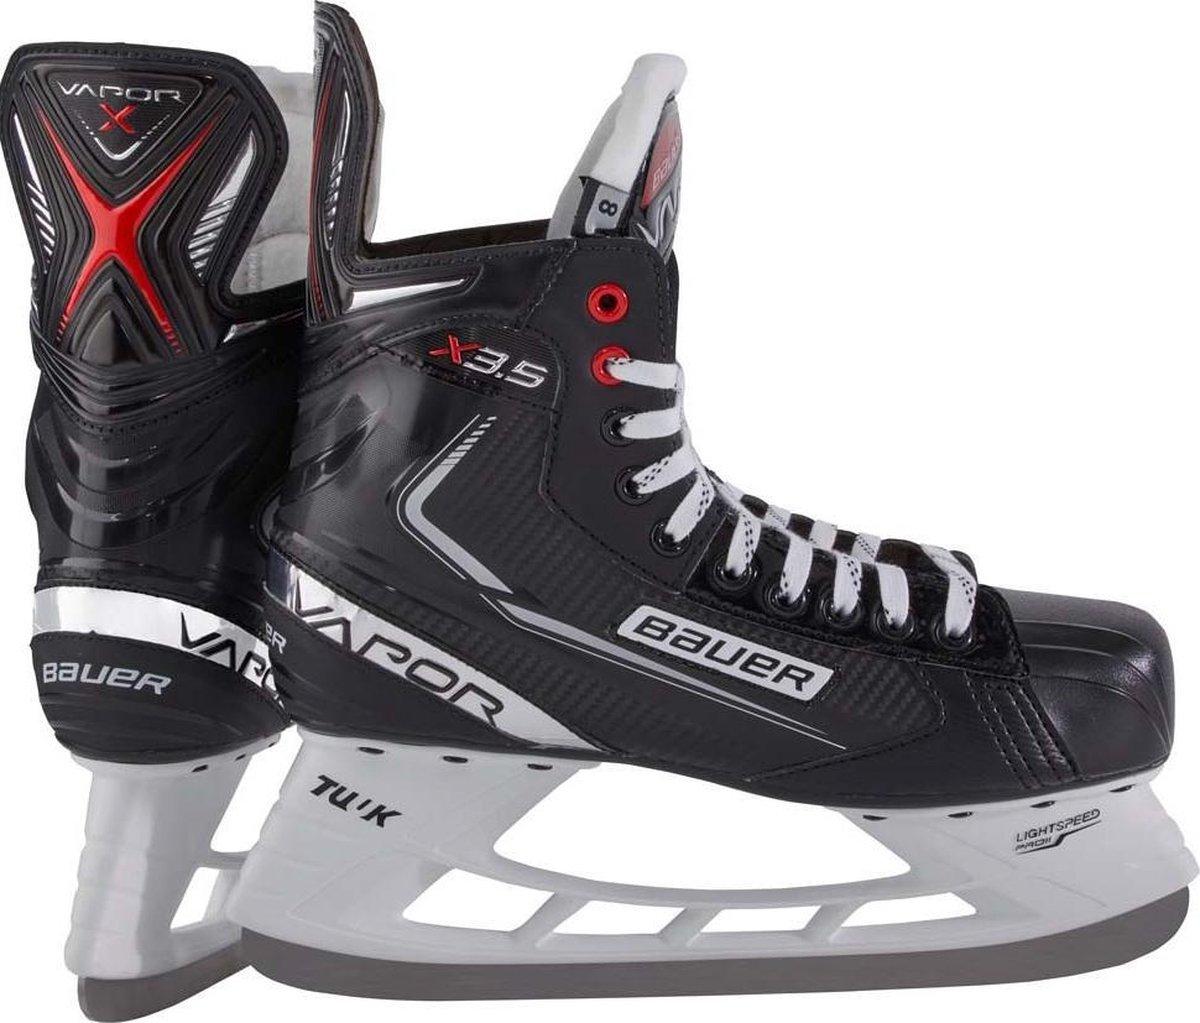 Bauer Ijshockeyschaatsen Vapor X3.5 Int. Microfiber Zwart Mt 37,5